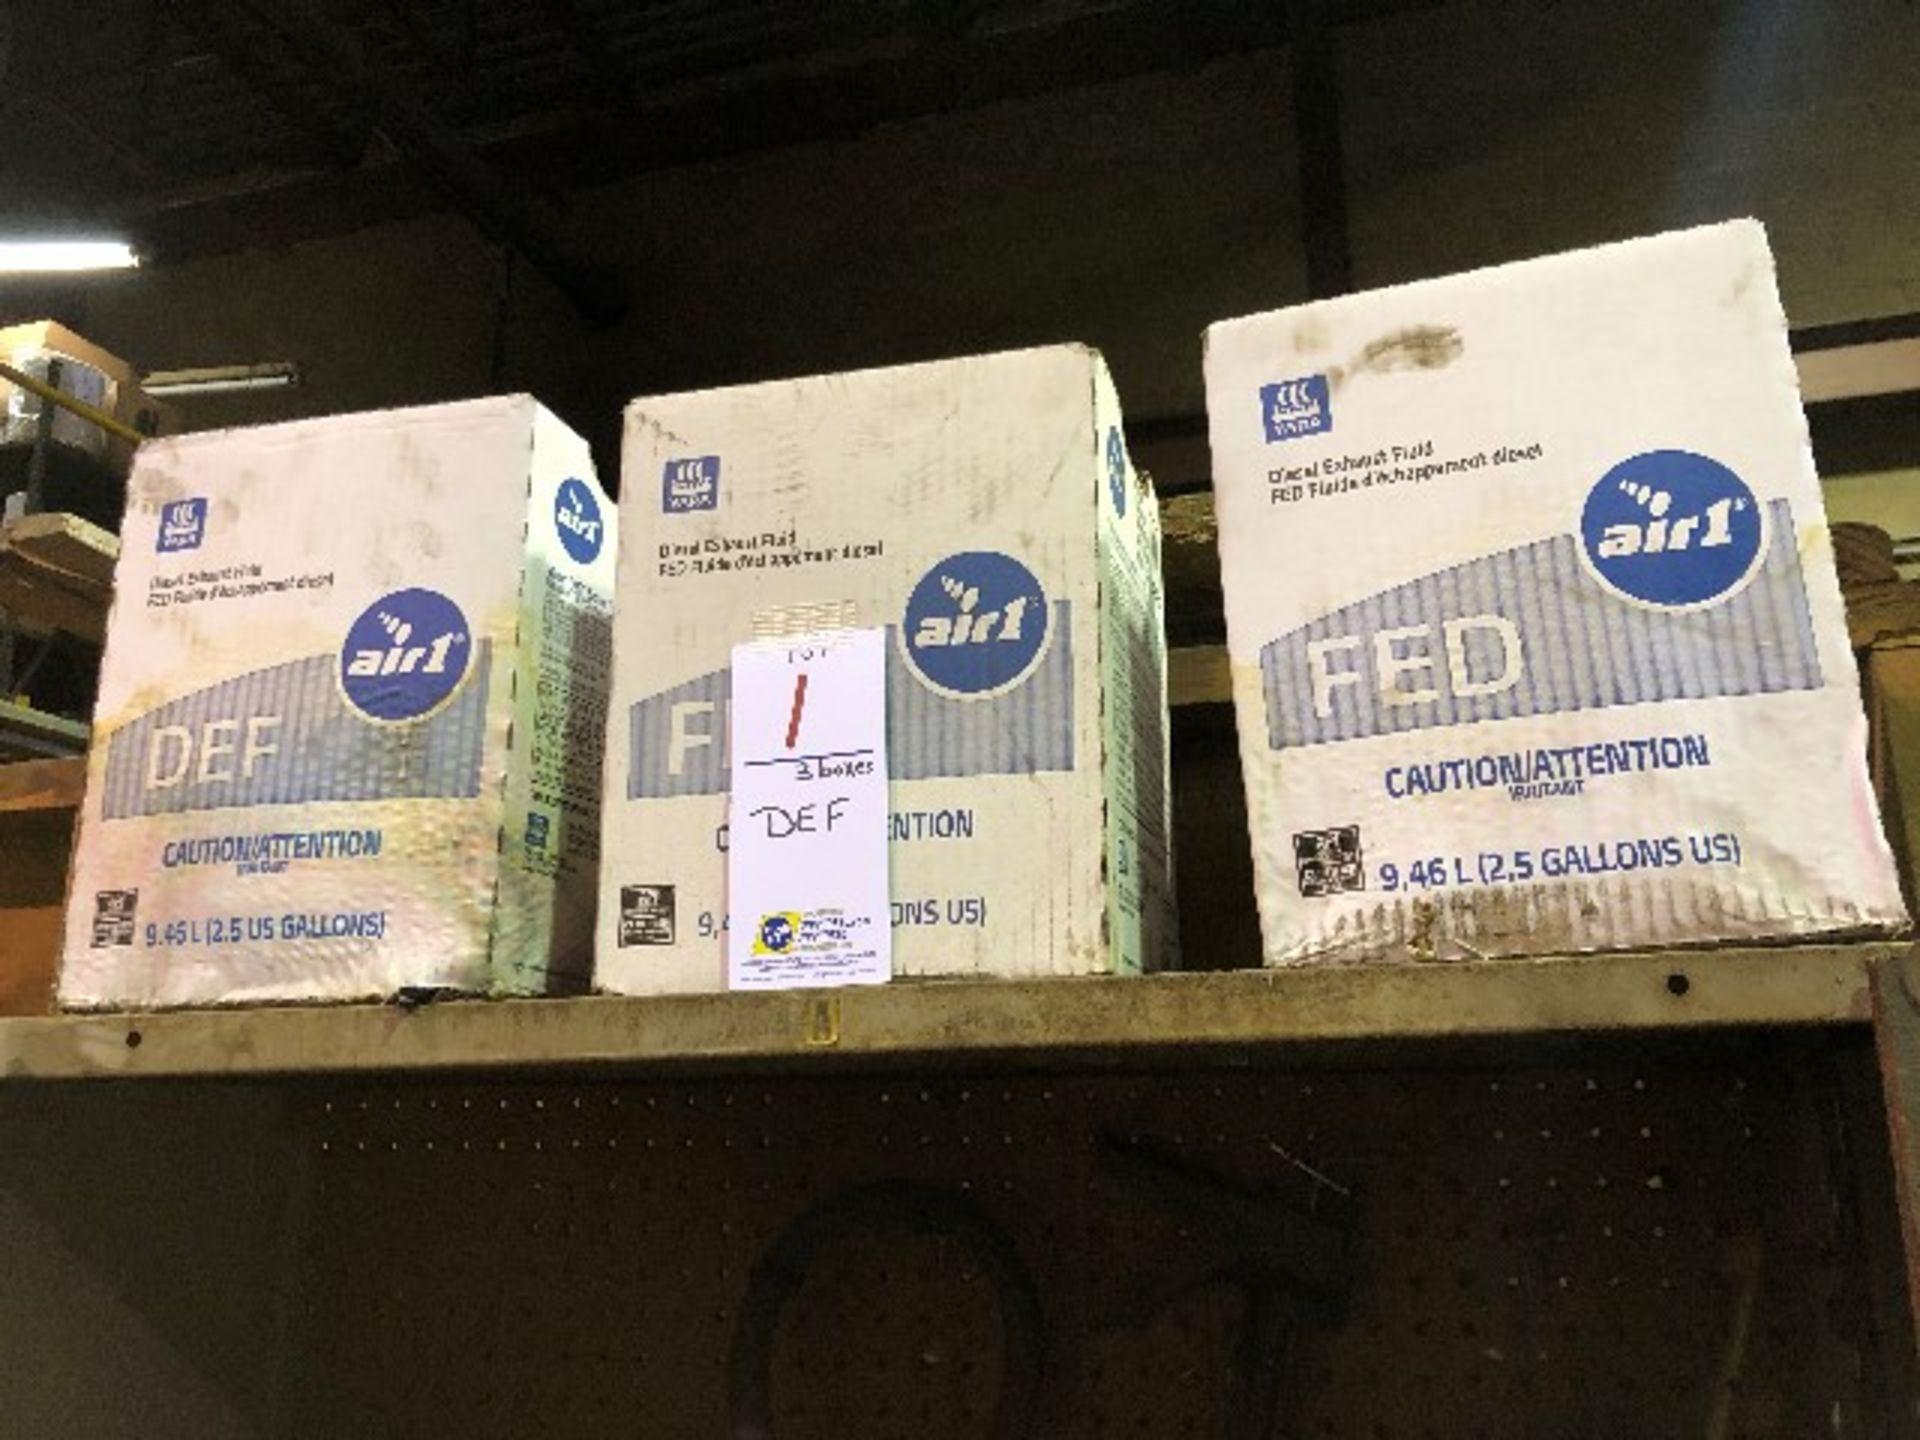 DEF-Diesel exhaust fluid, 9.46L, 3 boxes